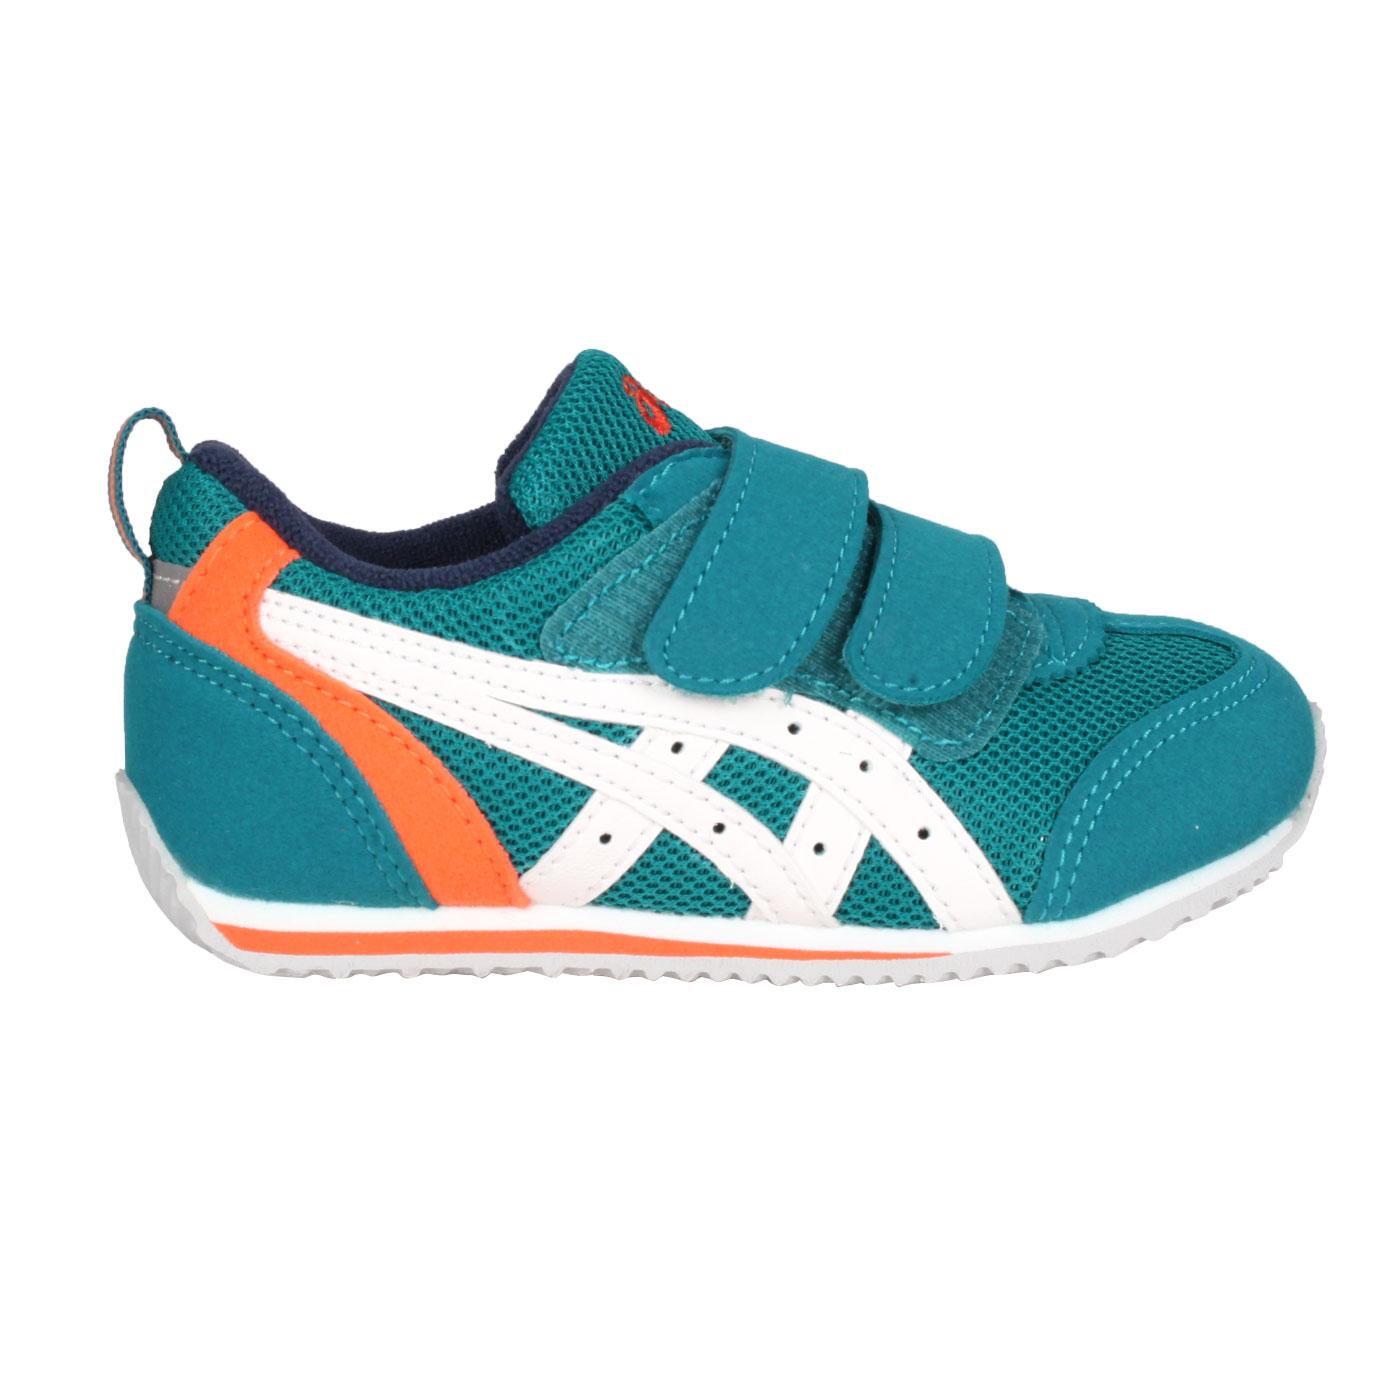 ASICS 小童運動鞋  @IDAHO BABY 3@TUB165-1901 - 深綠白橘